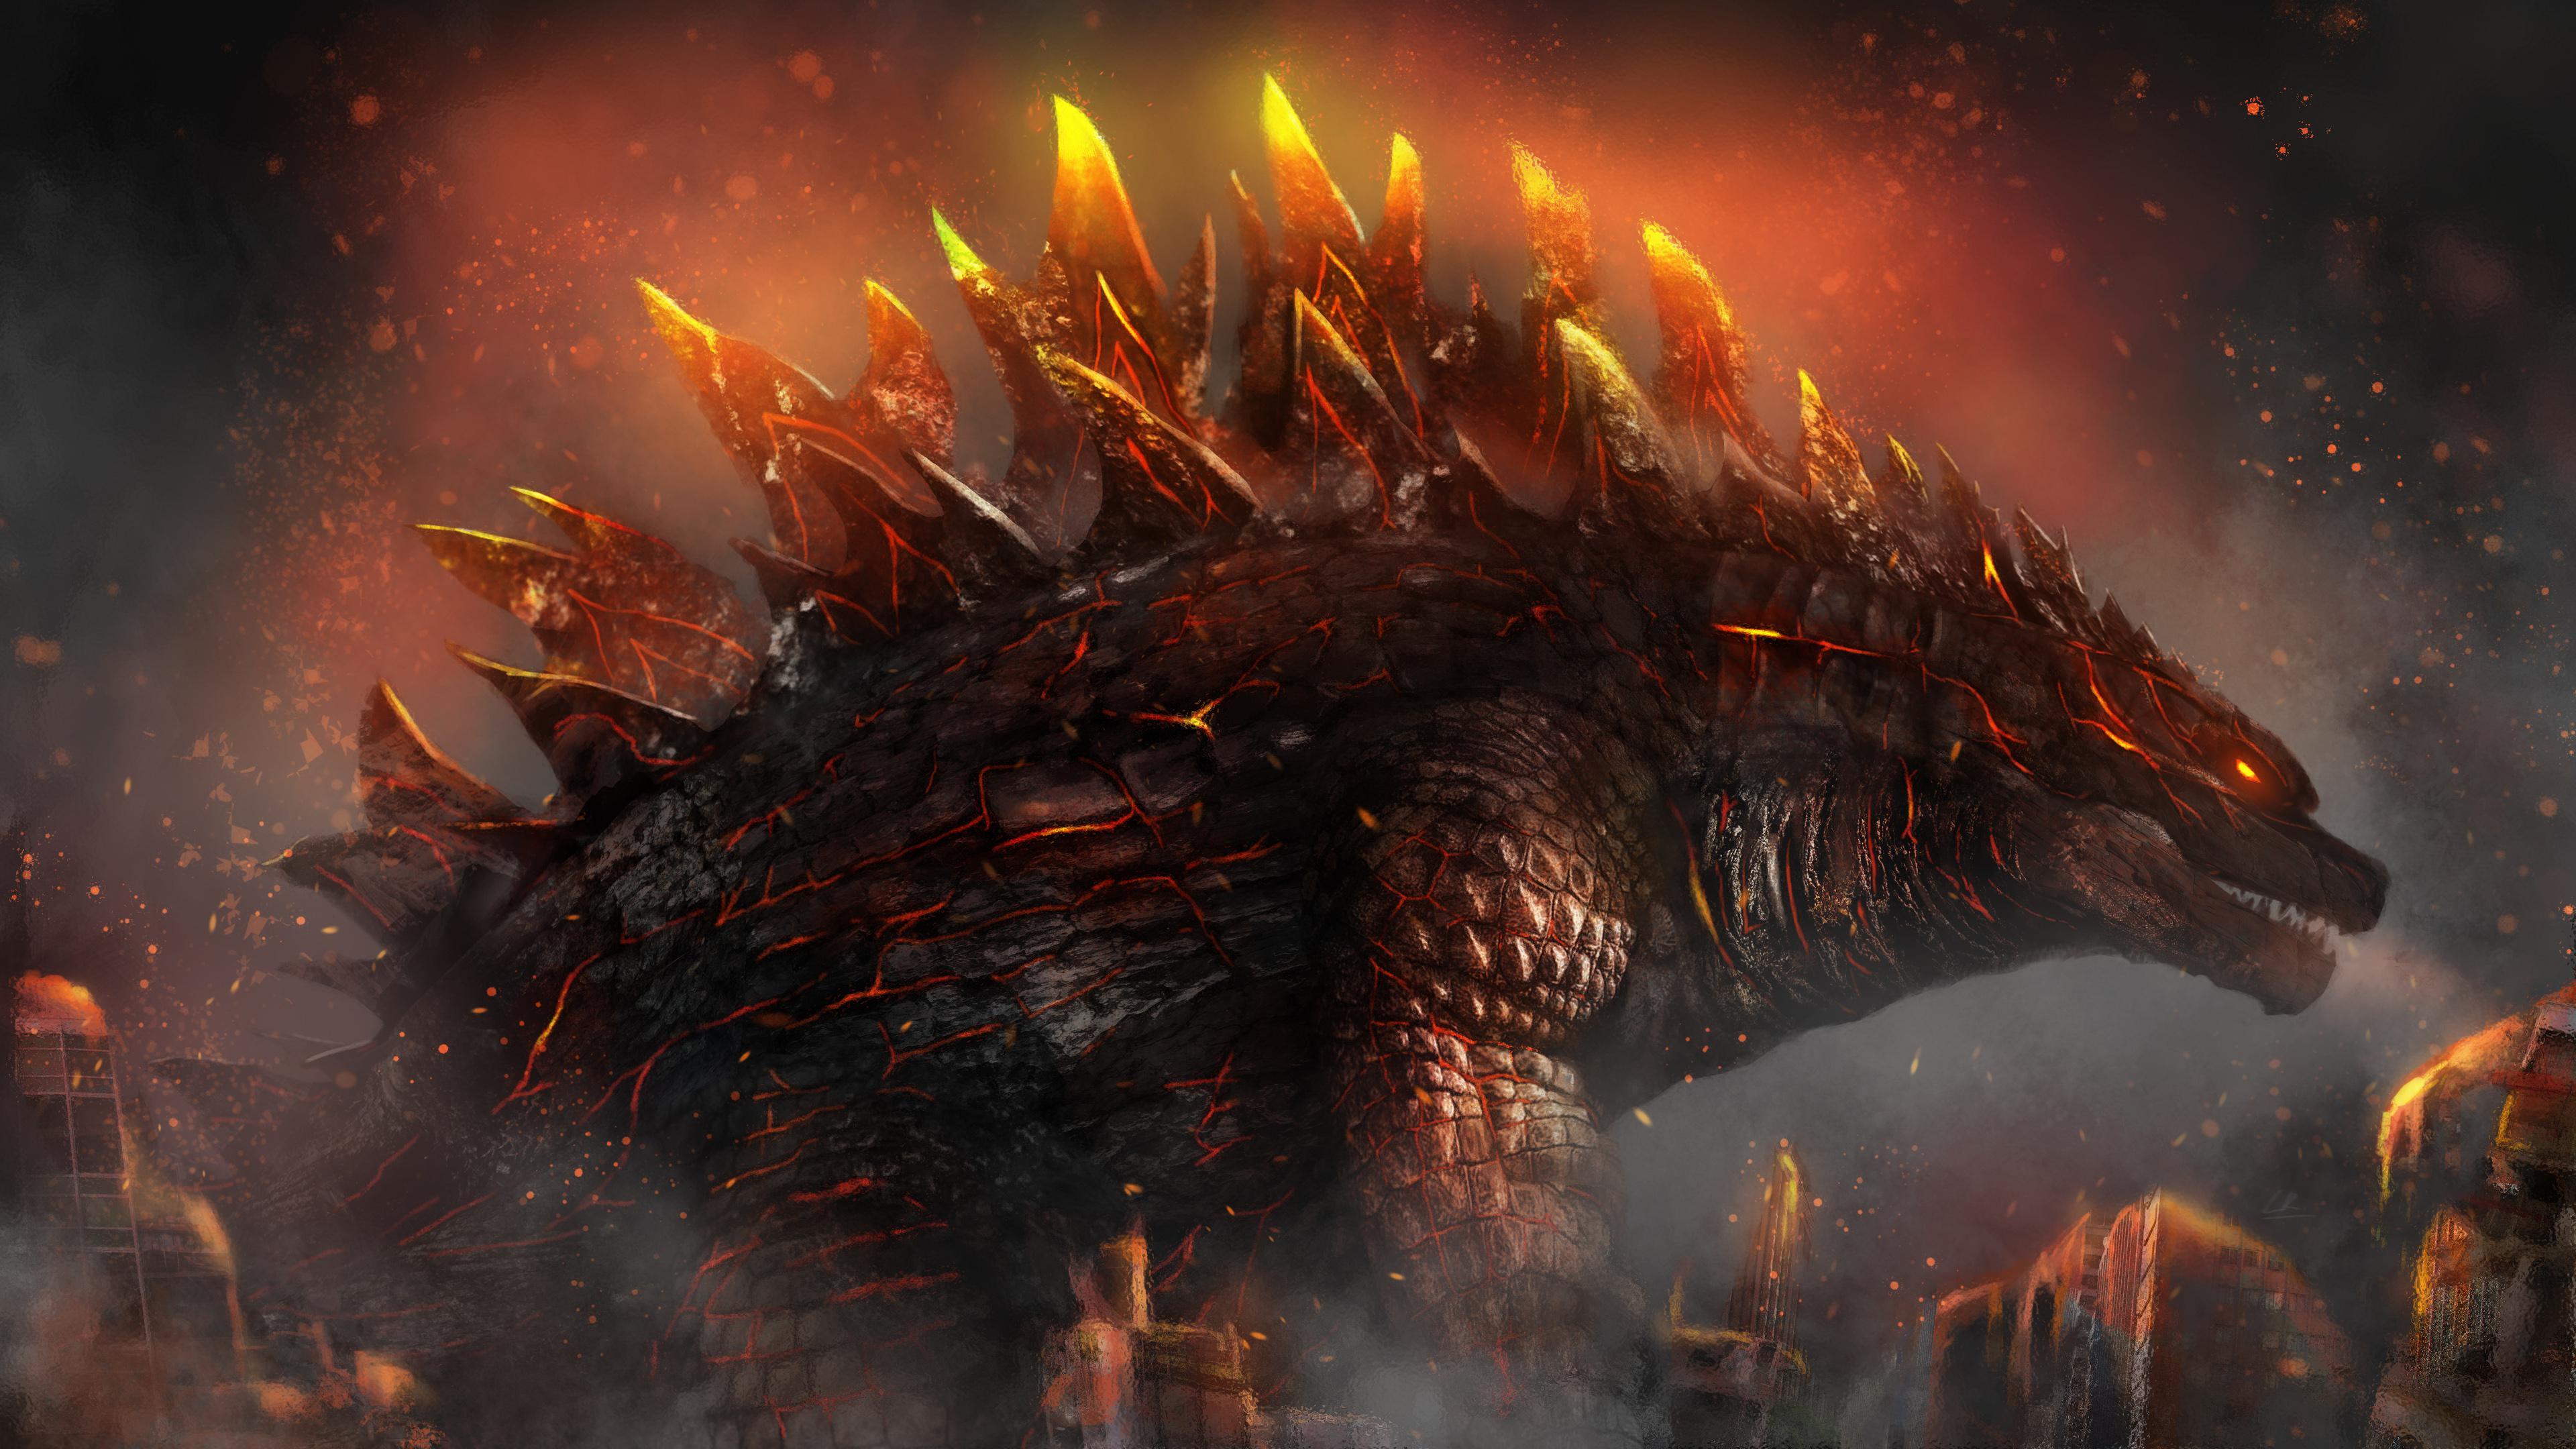 Godzilla Anime Wallpapers   Top Godzilla Anime Backgrounds 3840x2160